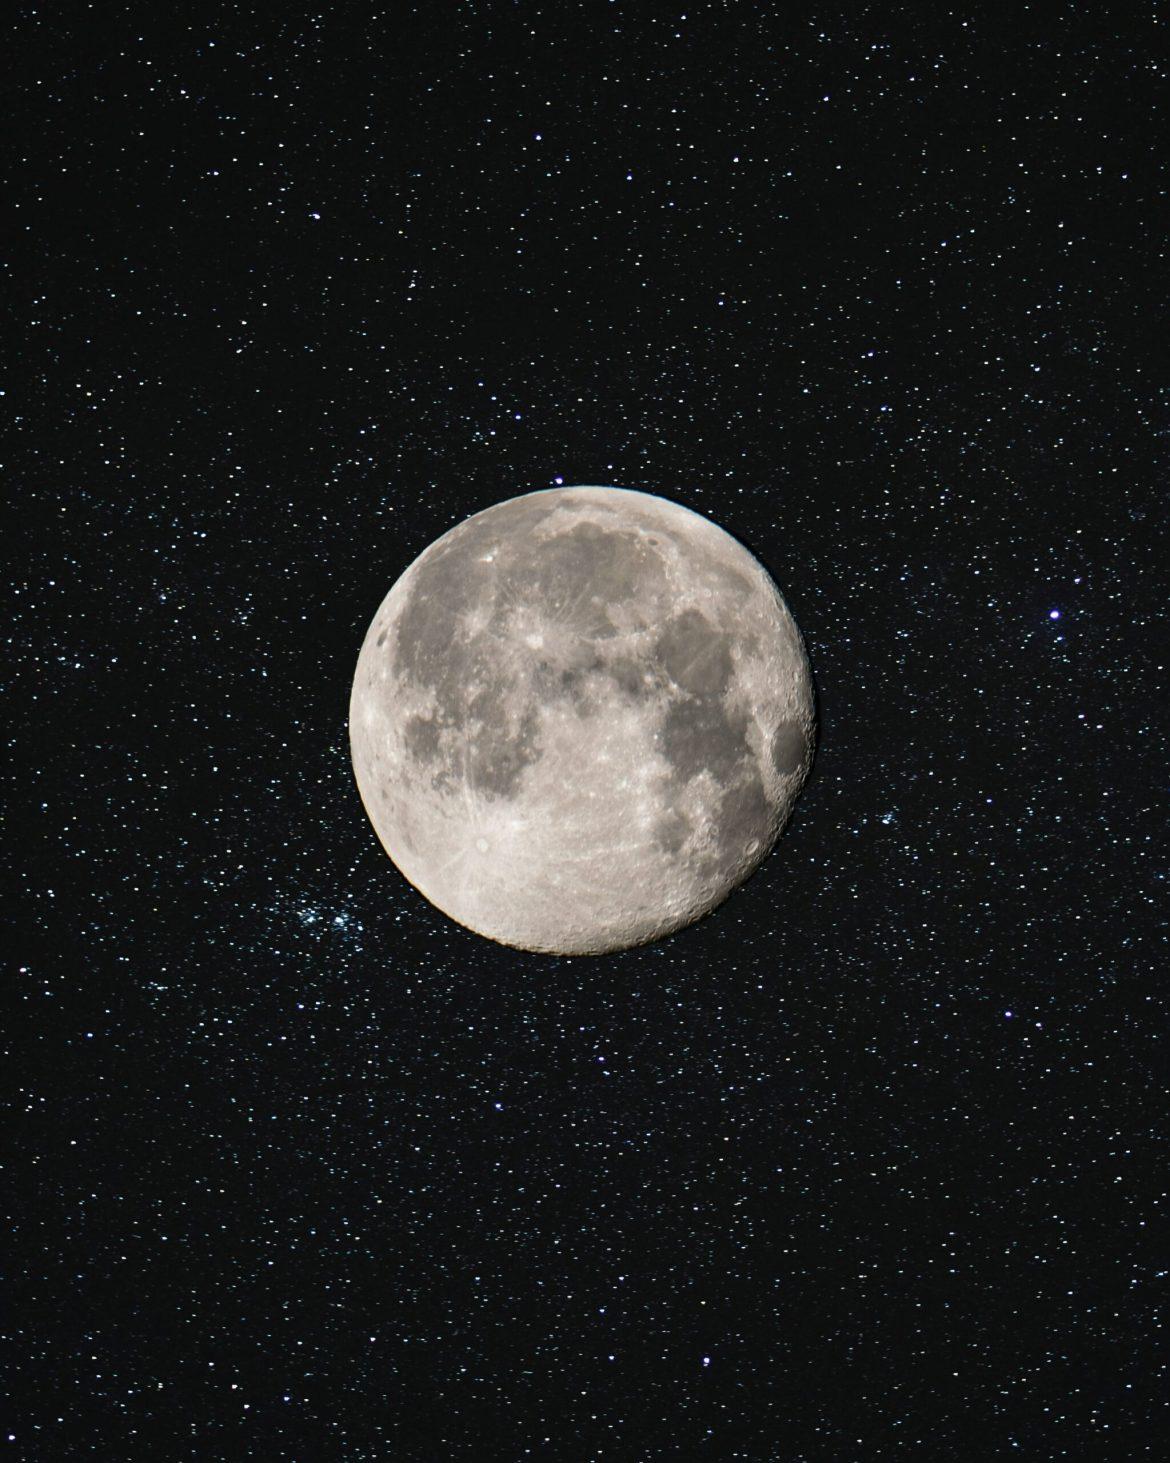 Lua cheia em céu estrelado